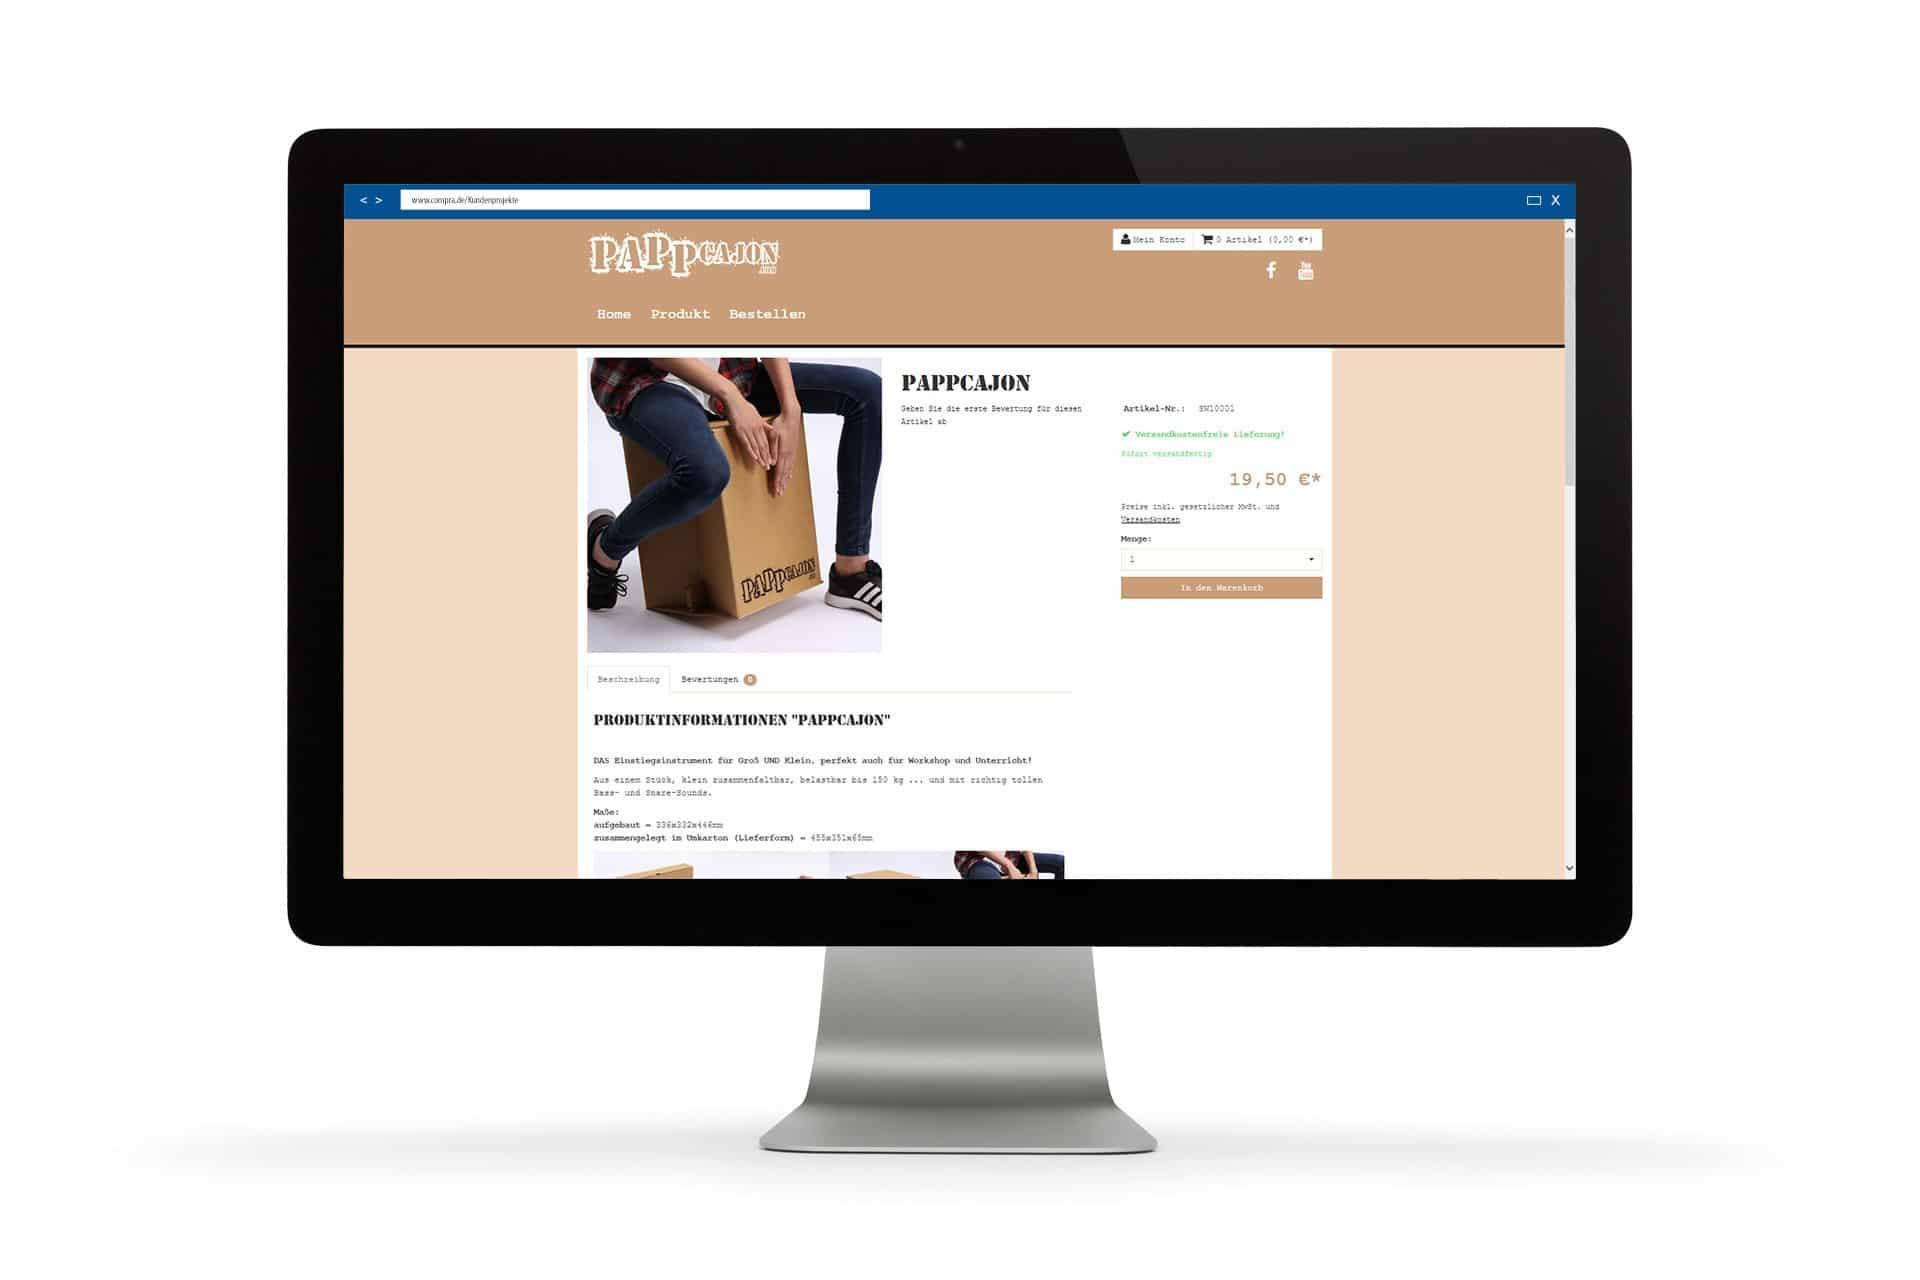 Auf der Produktdetailseite erfährt man alle Details zum Produkt.